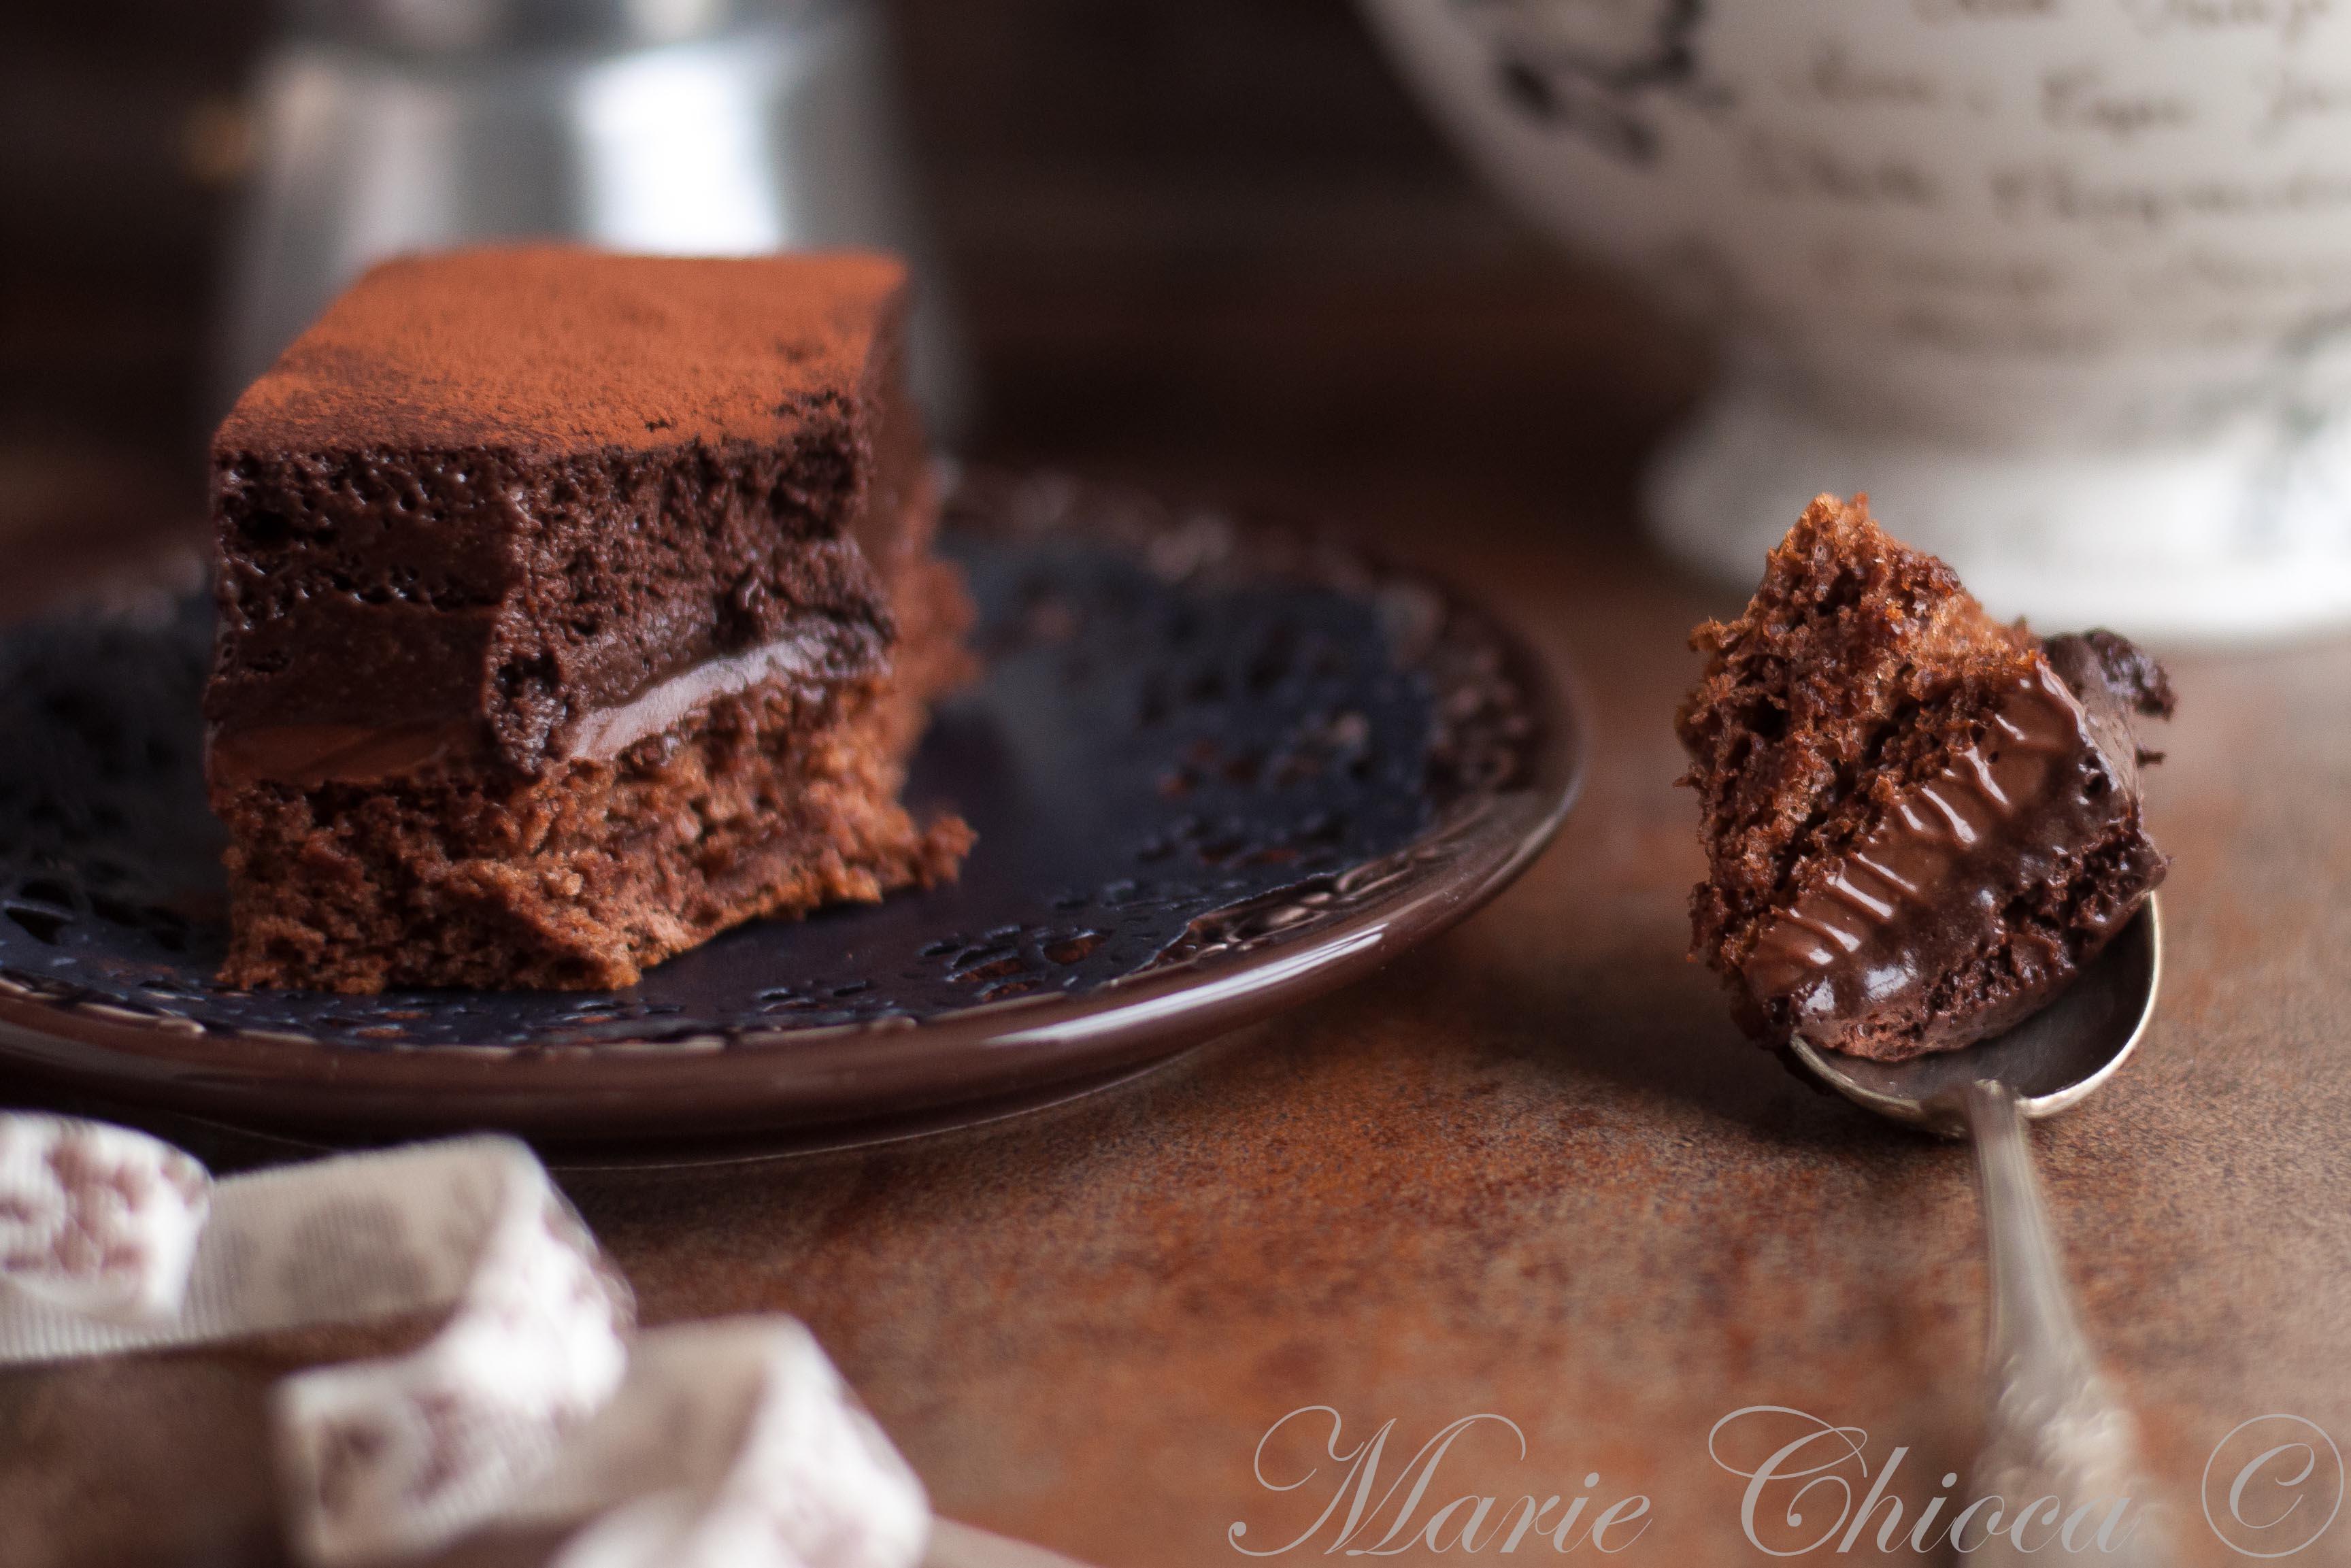 gros-gateau-mousseux-au-chocolat-marie-chioca